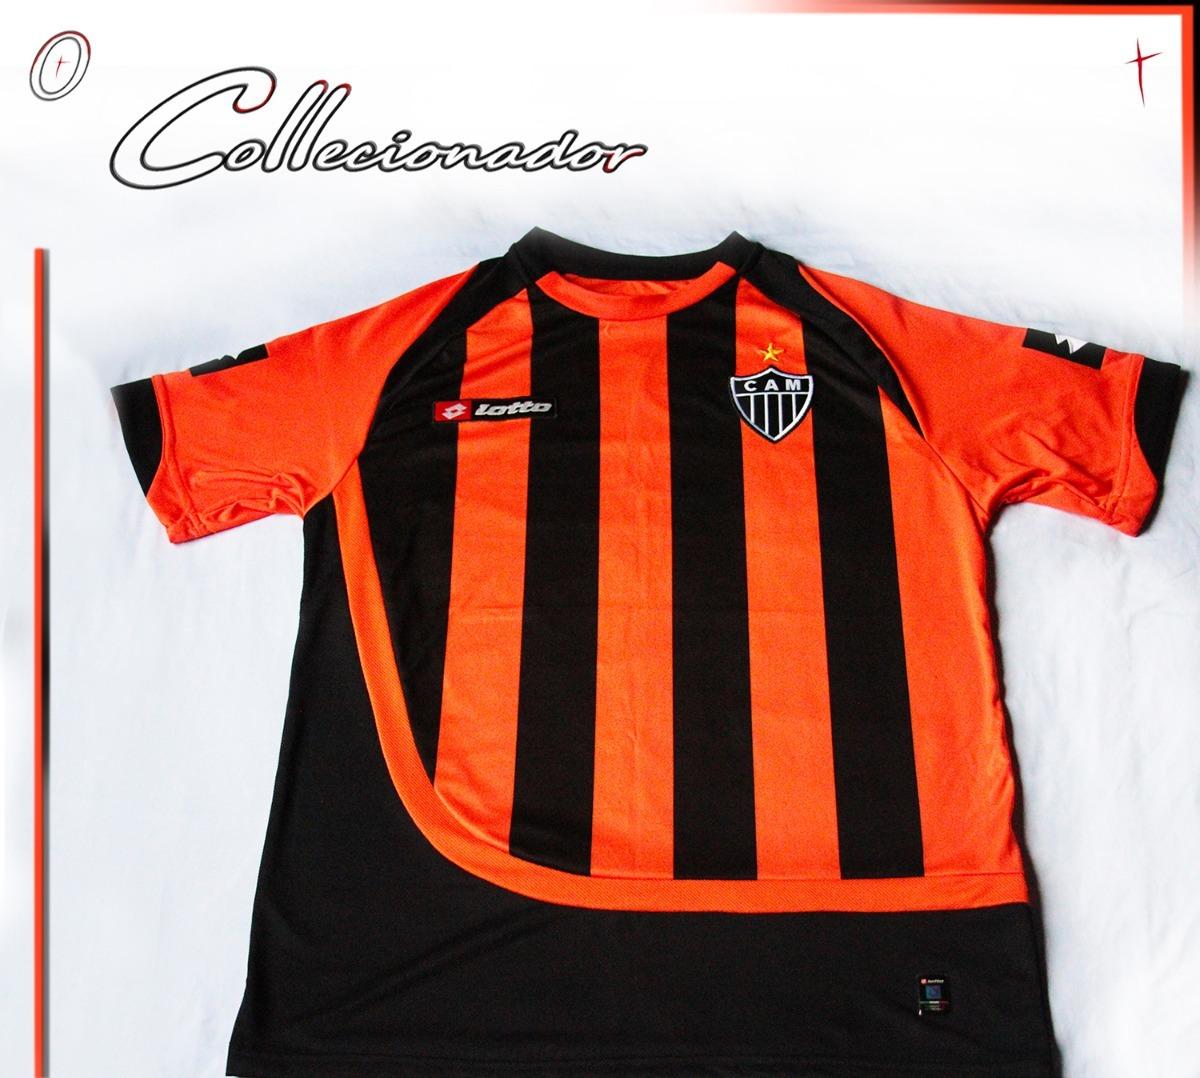 53d174841 Camisa atlético treino laranja o collecionador carregando zoom jpg  1200x1078 Mercado livre camisa atletico mineiro